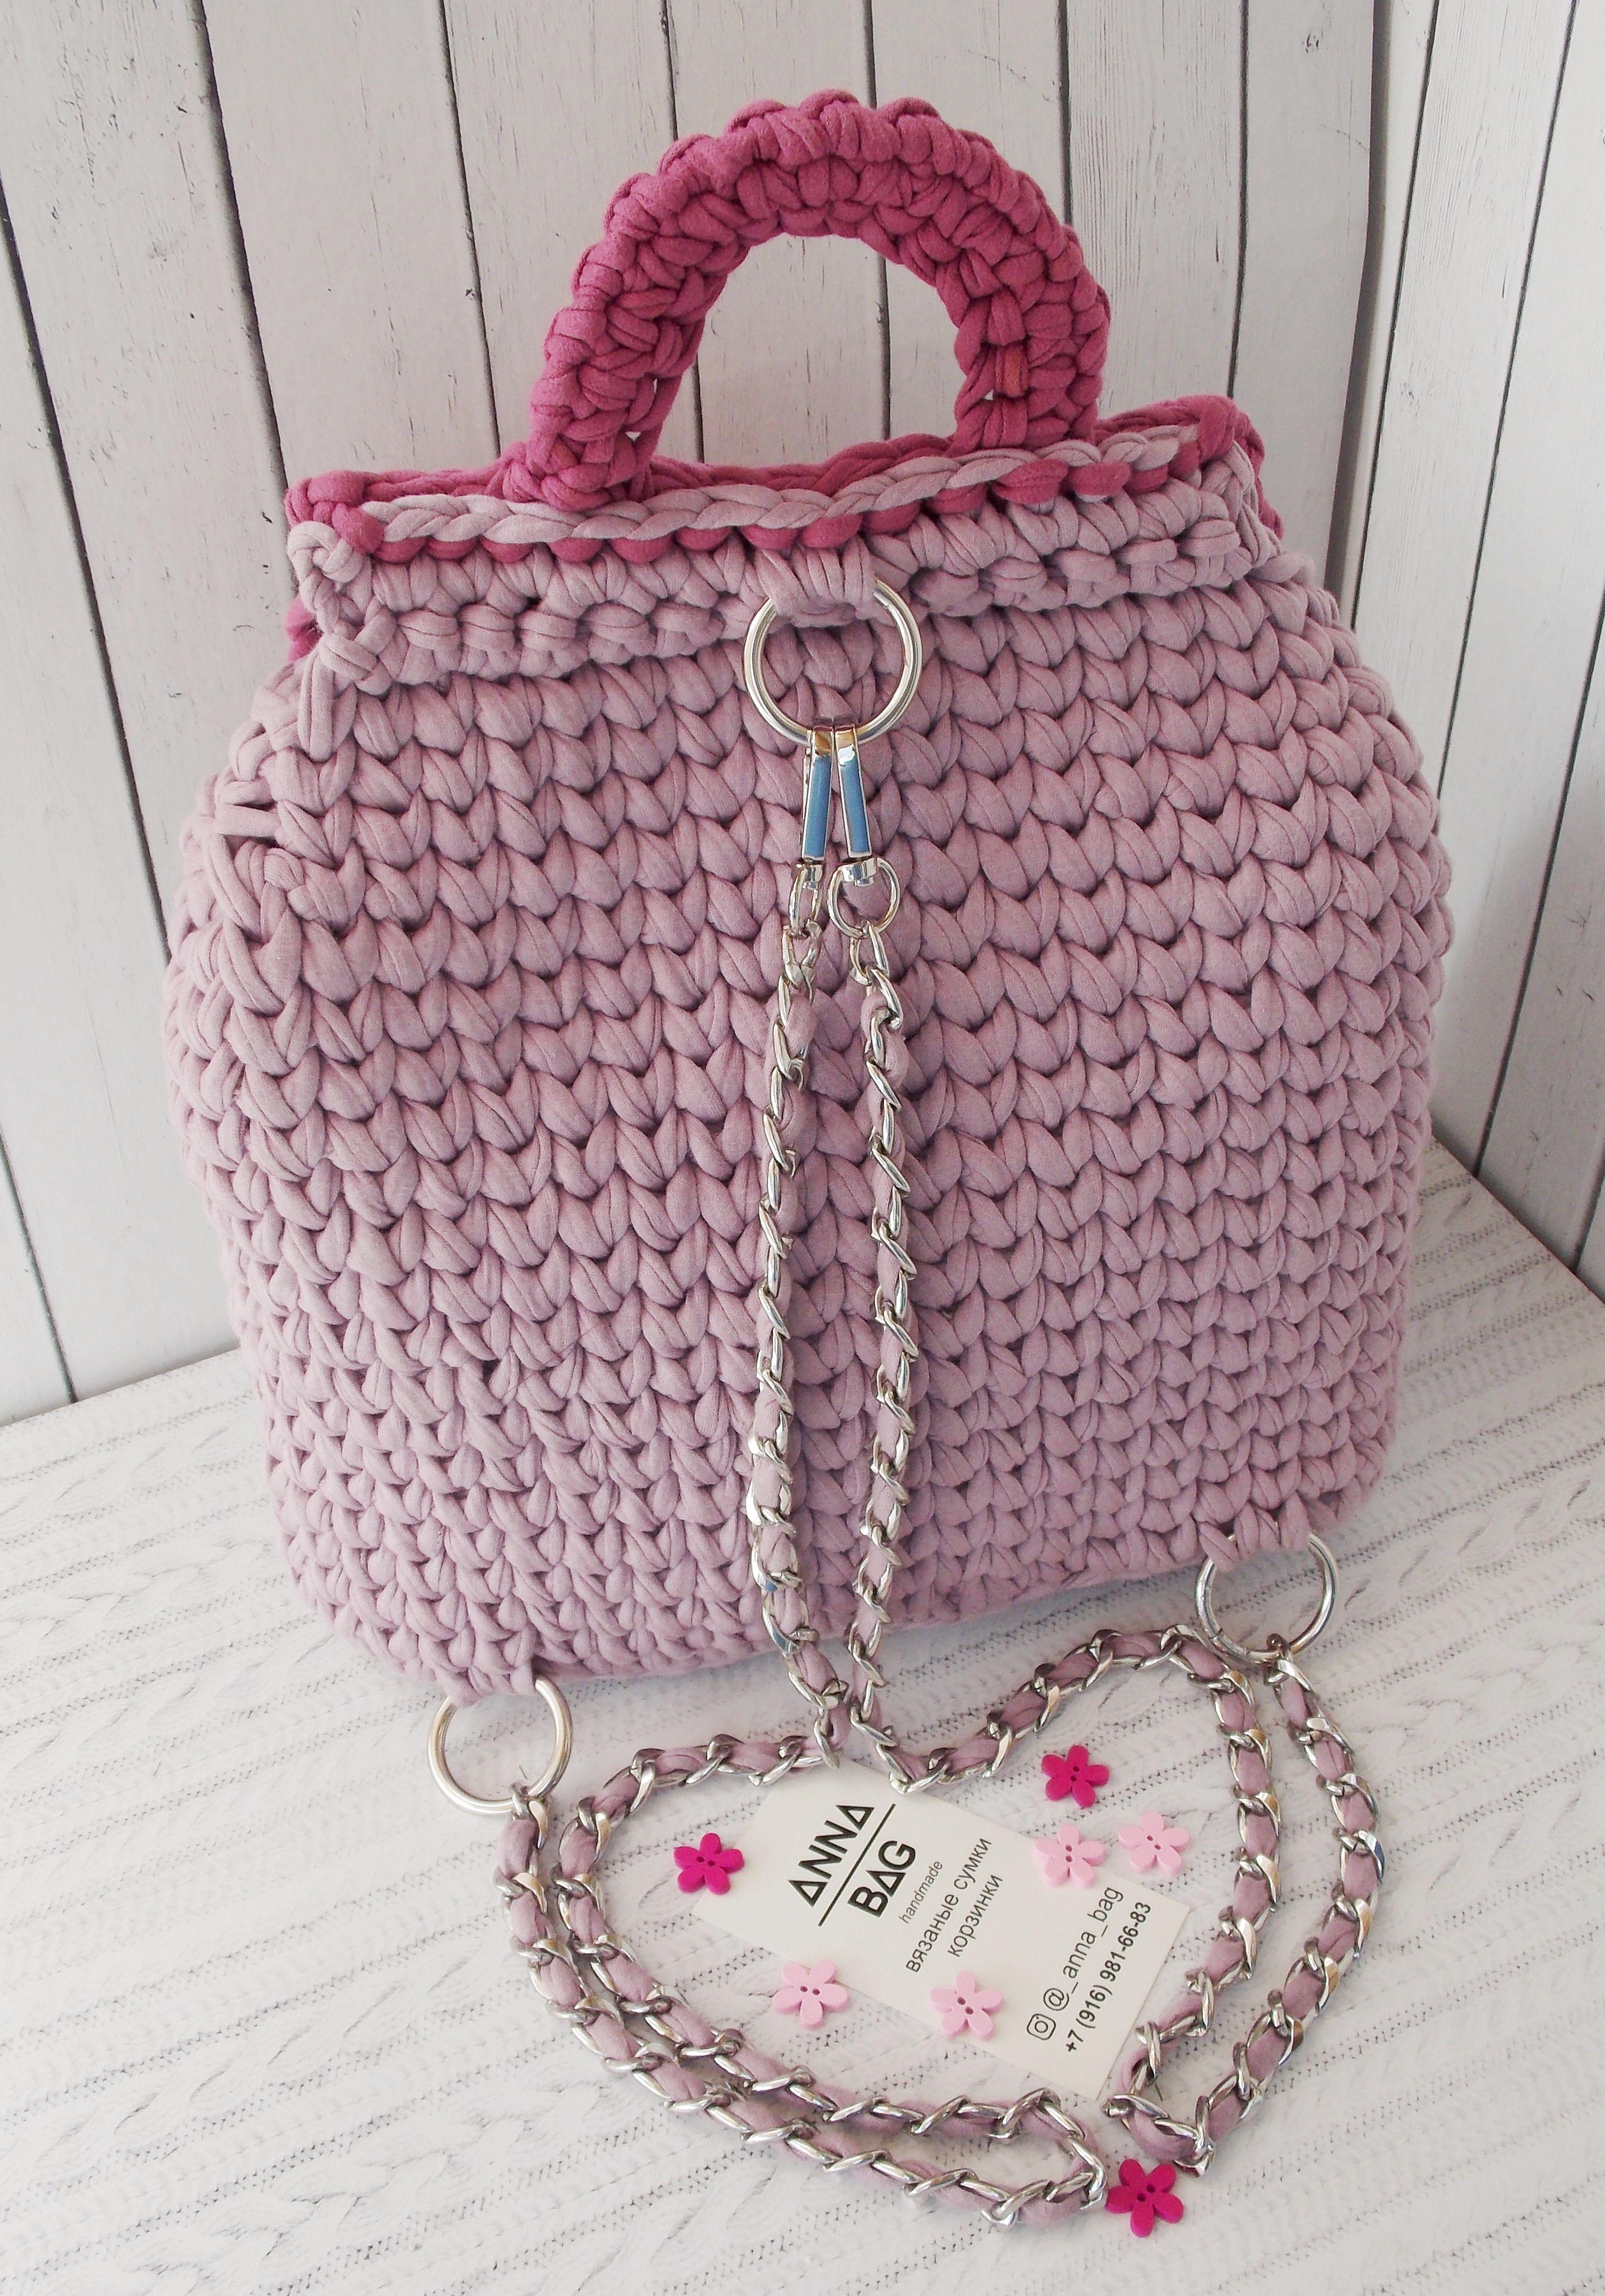 6d0fa9a3e65c Вязаный рюкзак, модный рюкзак, тренд лето 2018 | вязаные сумки ...